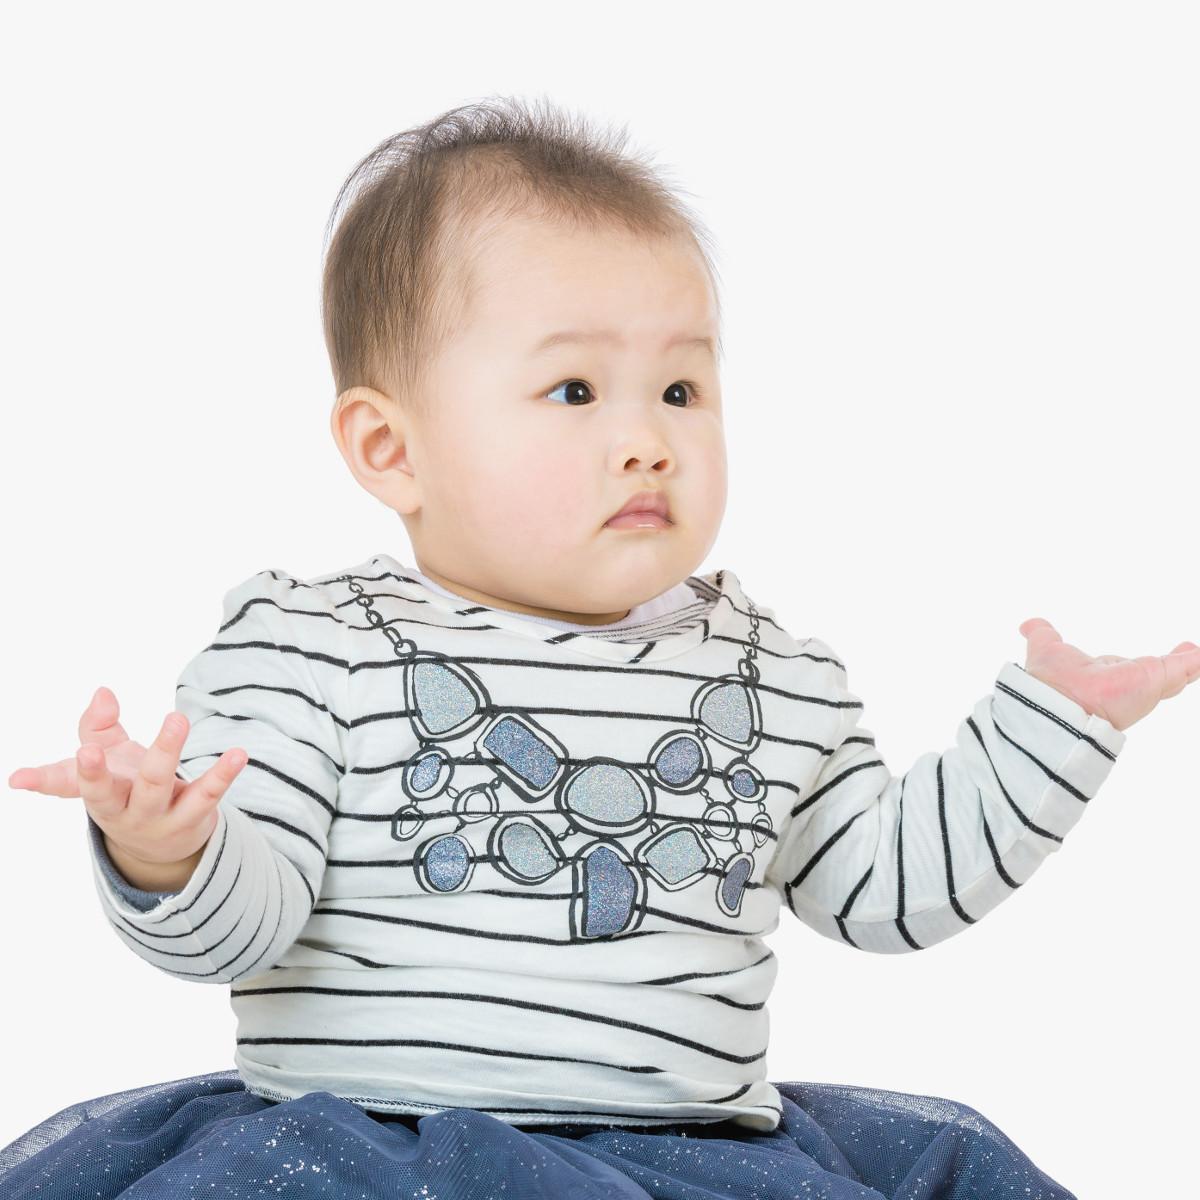 bebe-pode-chupar-dedo-faz-mal-sim-ou-nao